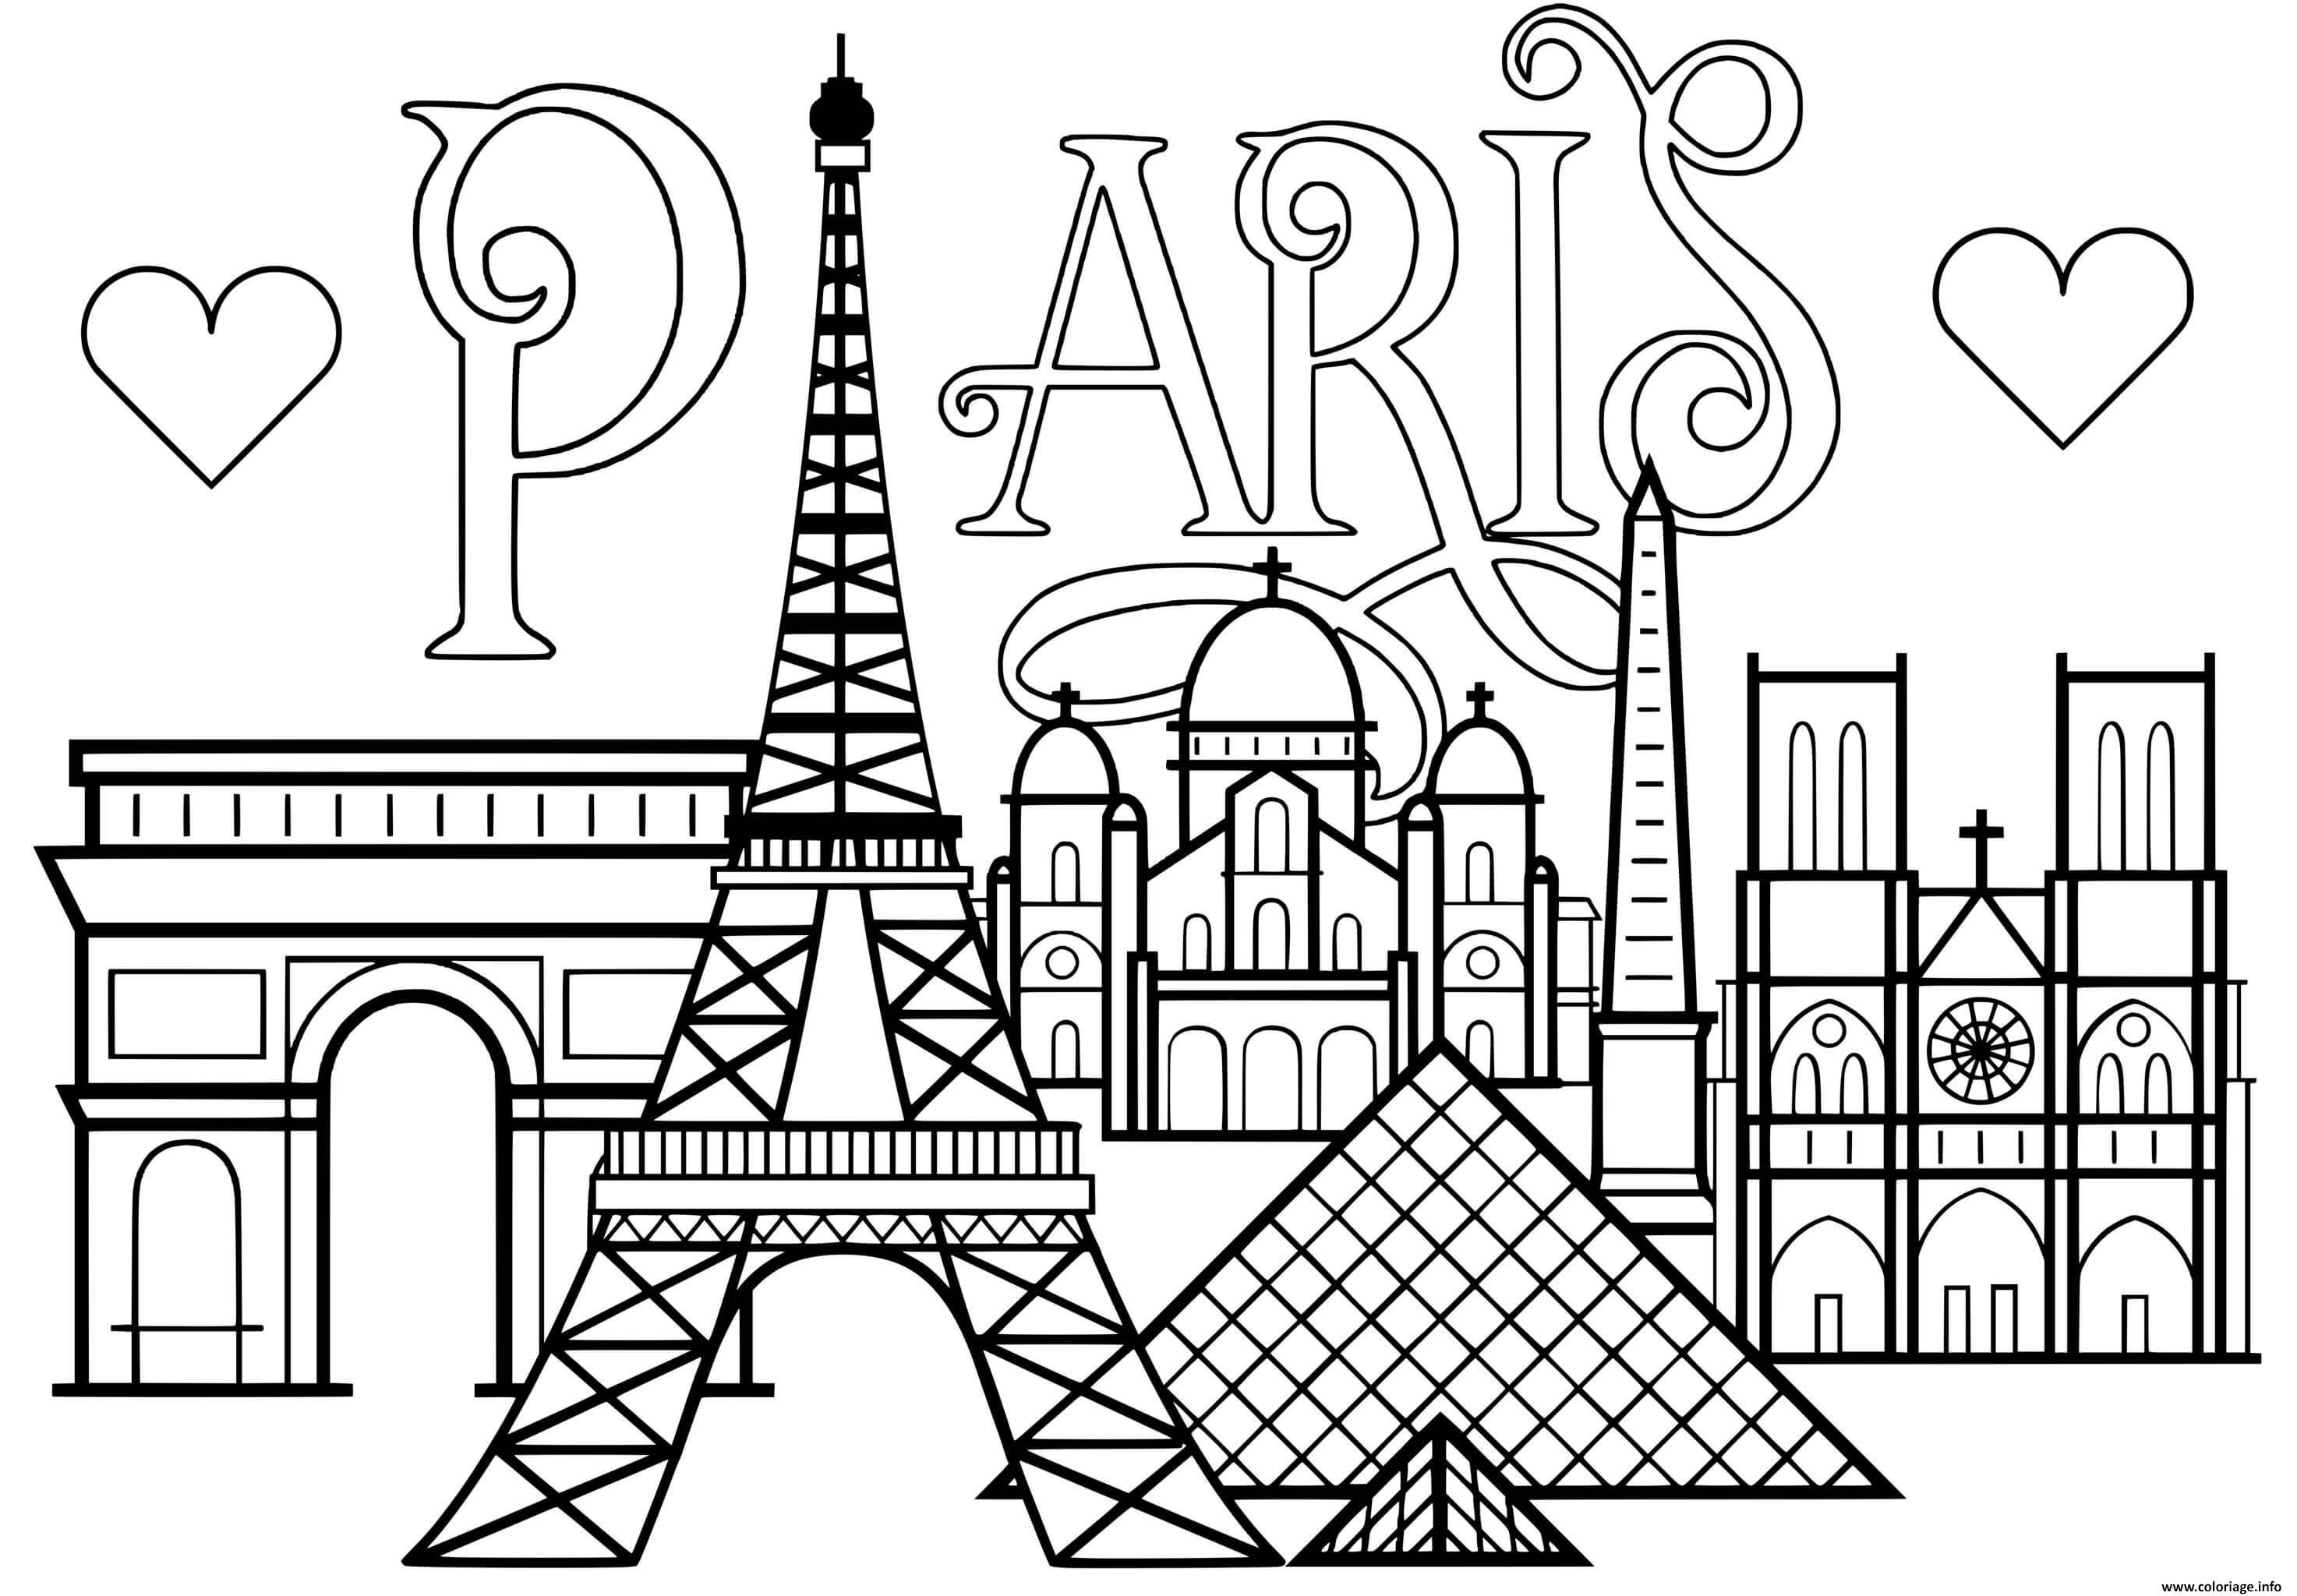 Dessin ville de paris monuments Tour Eiffel Arc de triomphe Cathedrale Notre Dame de Paris Coloriage Gratuit à Imprimer